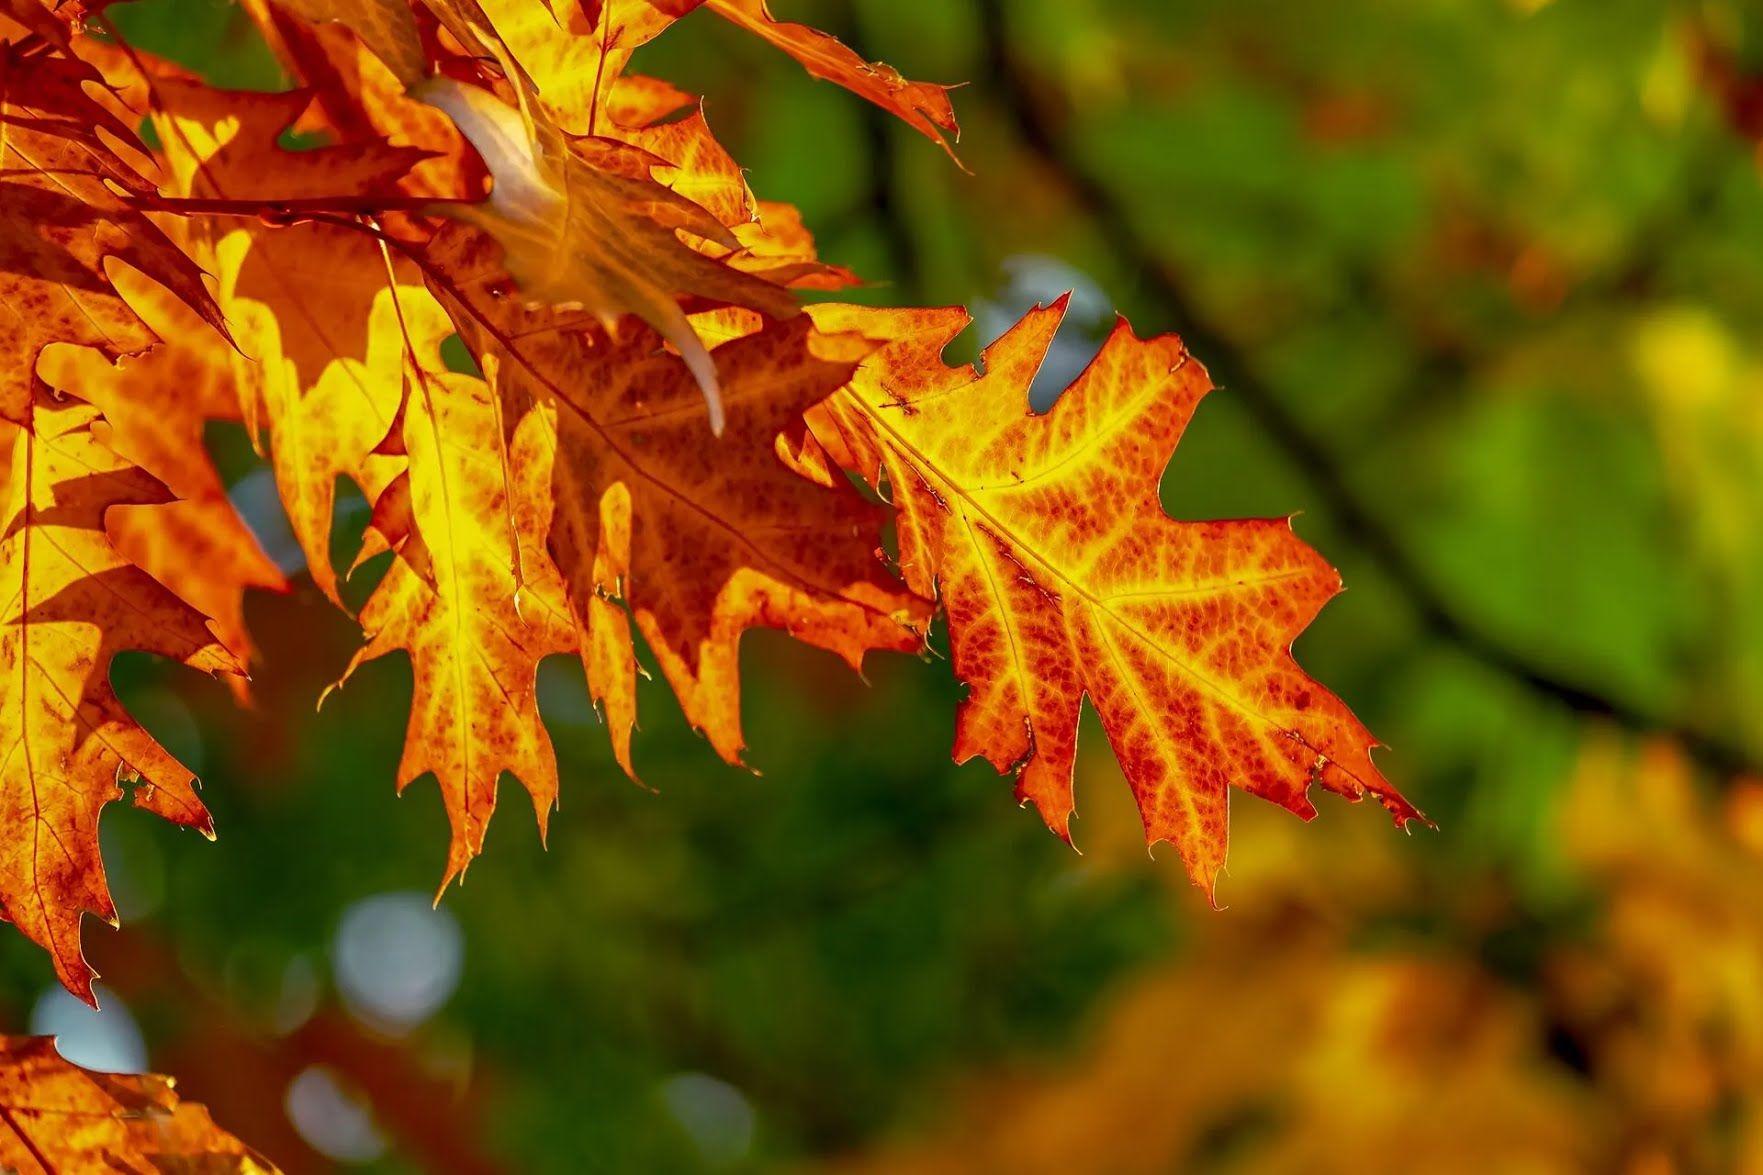 Вважається, що після 17 вересня посилюються холоди